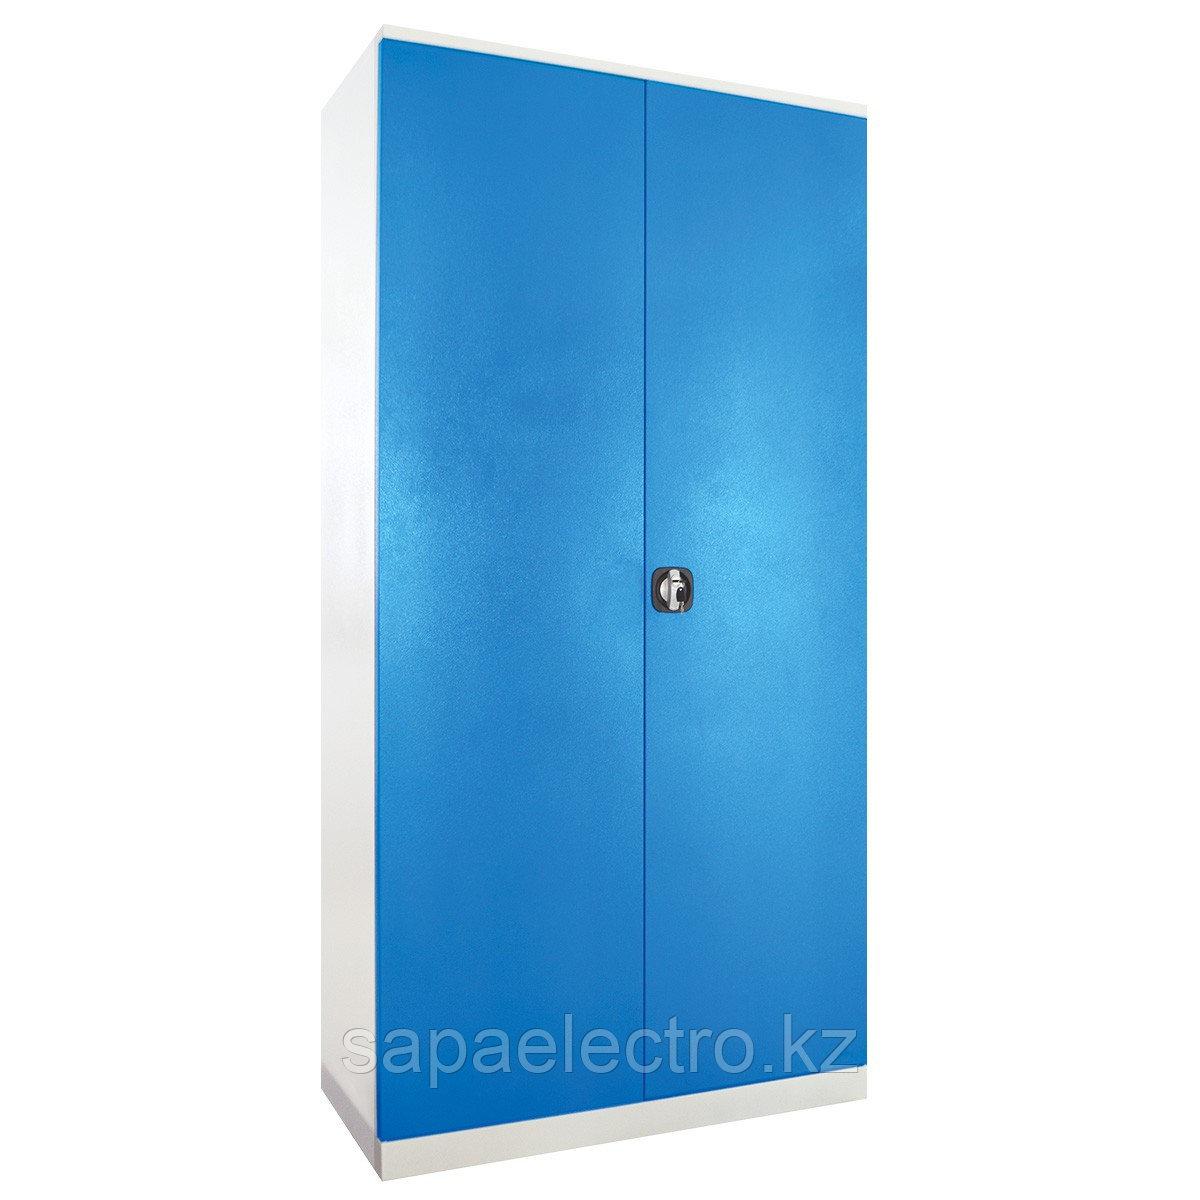 Металл.Шкаф (серый) 2000x1000x500 MGL (TS)